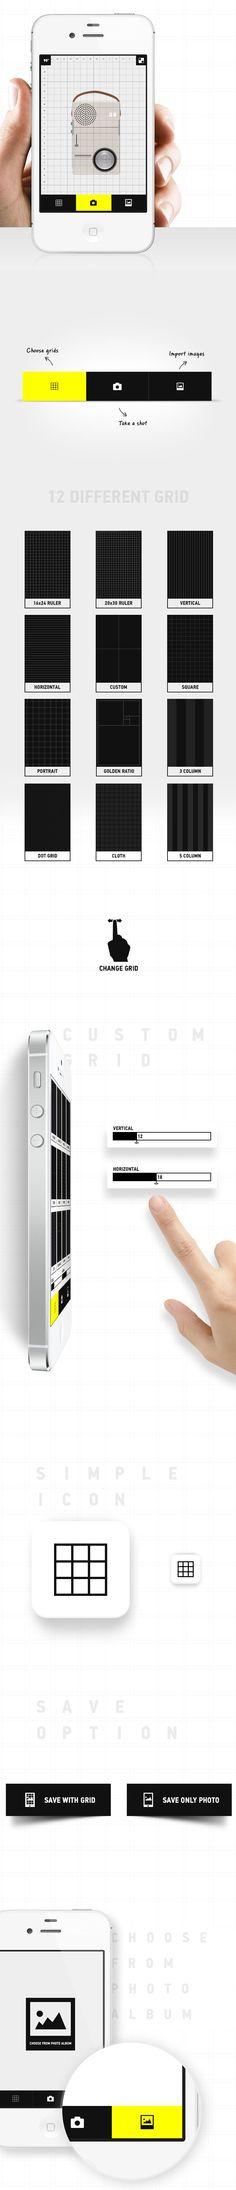 Daily Mobile UI Design Inspiration #50